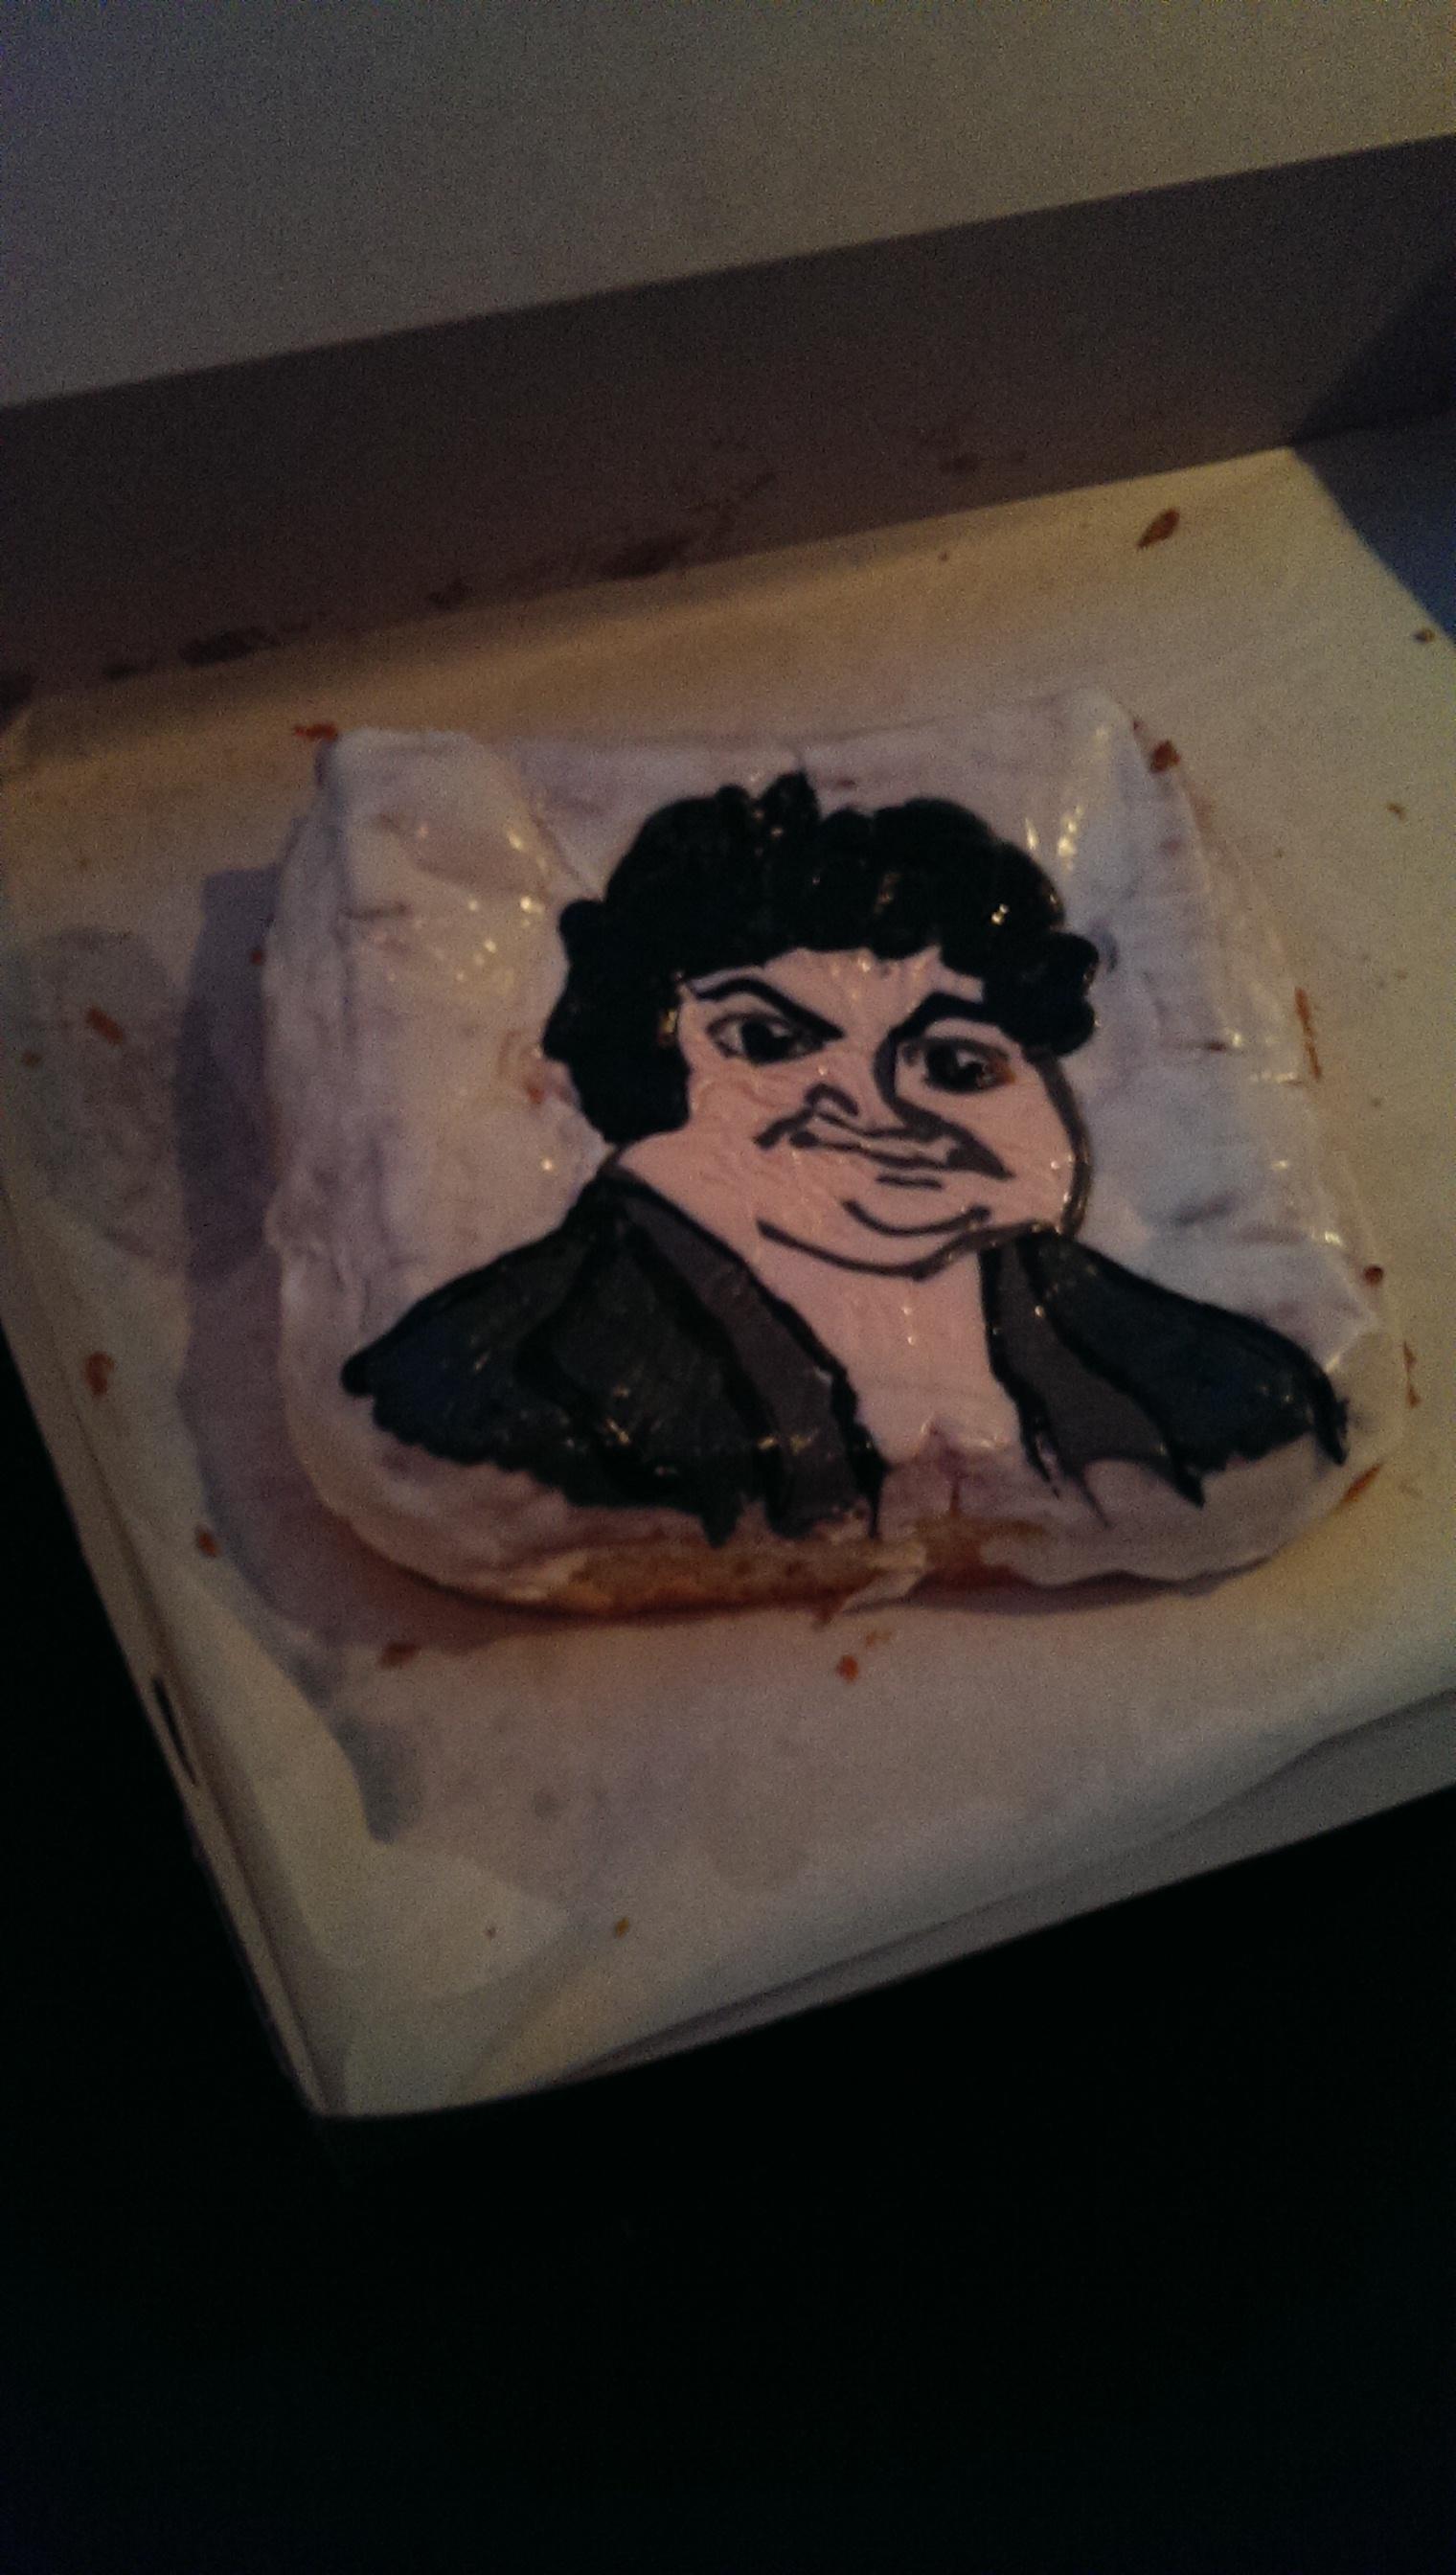 UNEXPLAINED CAKE!!!